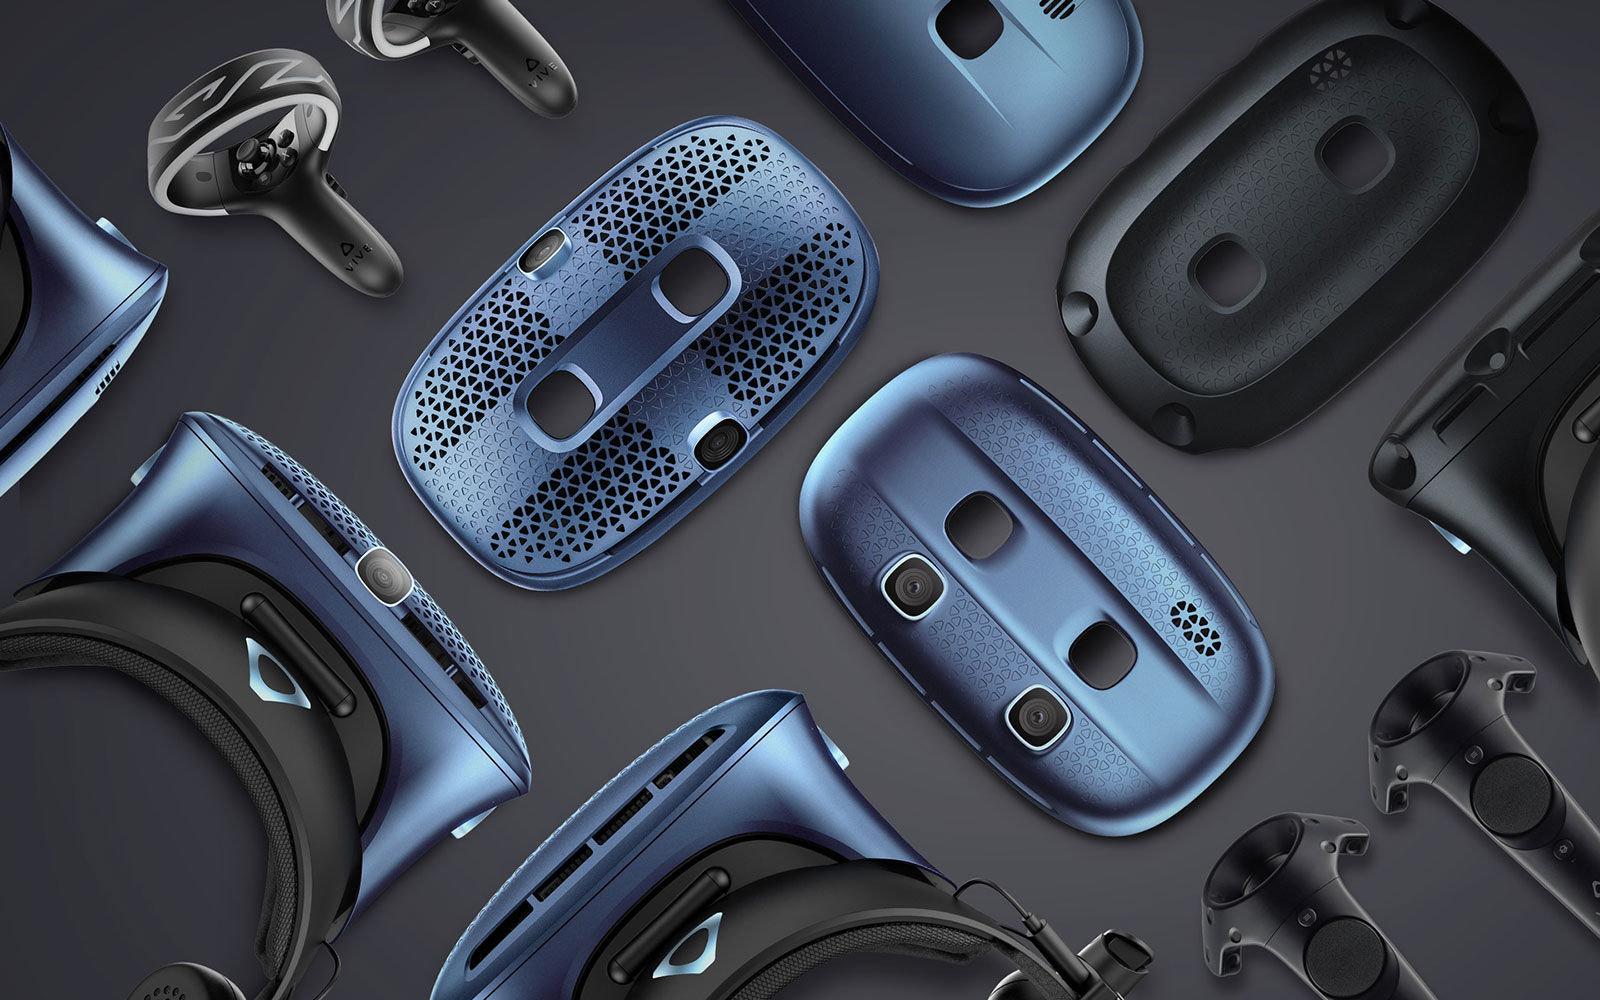 آیا هدستهای واقعیت مجازی جدید اچتیسی کاربران بیشتری را به سمت این فناوری جلب خواهد کرد؟